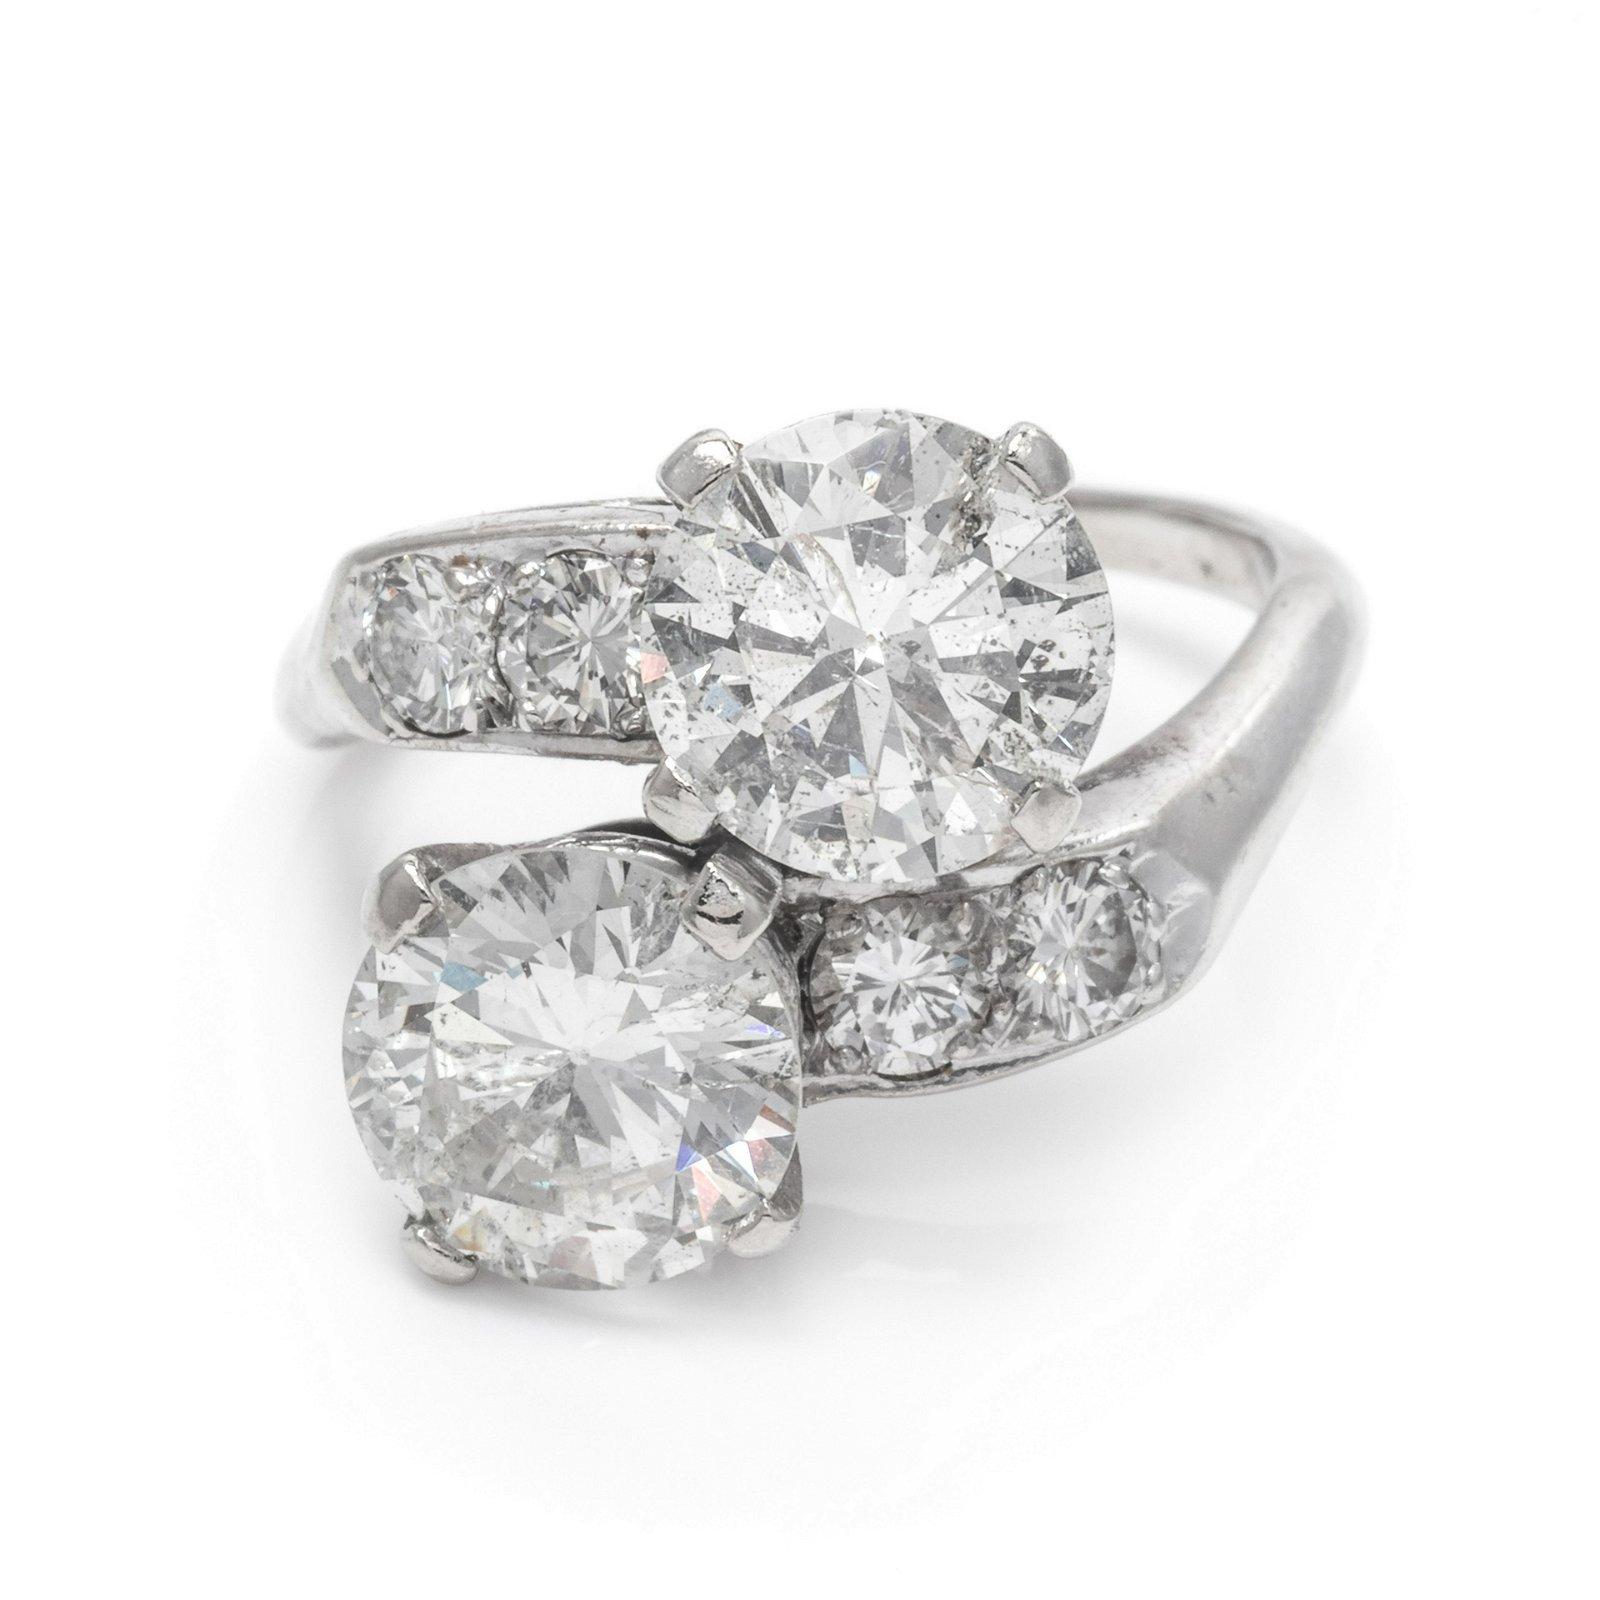 A 14 Karat White Gold and Diamond Toi et Moi Ring,